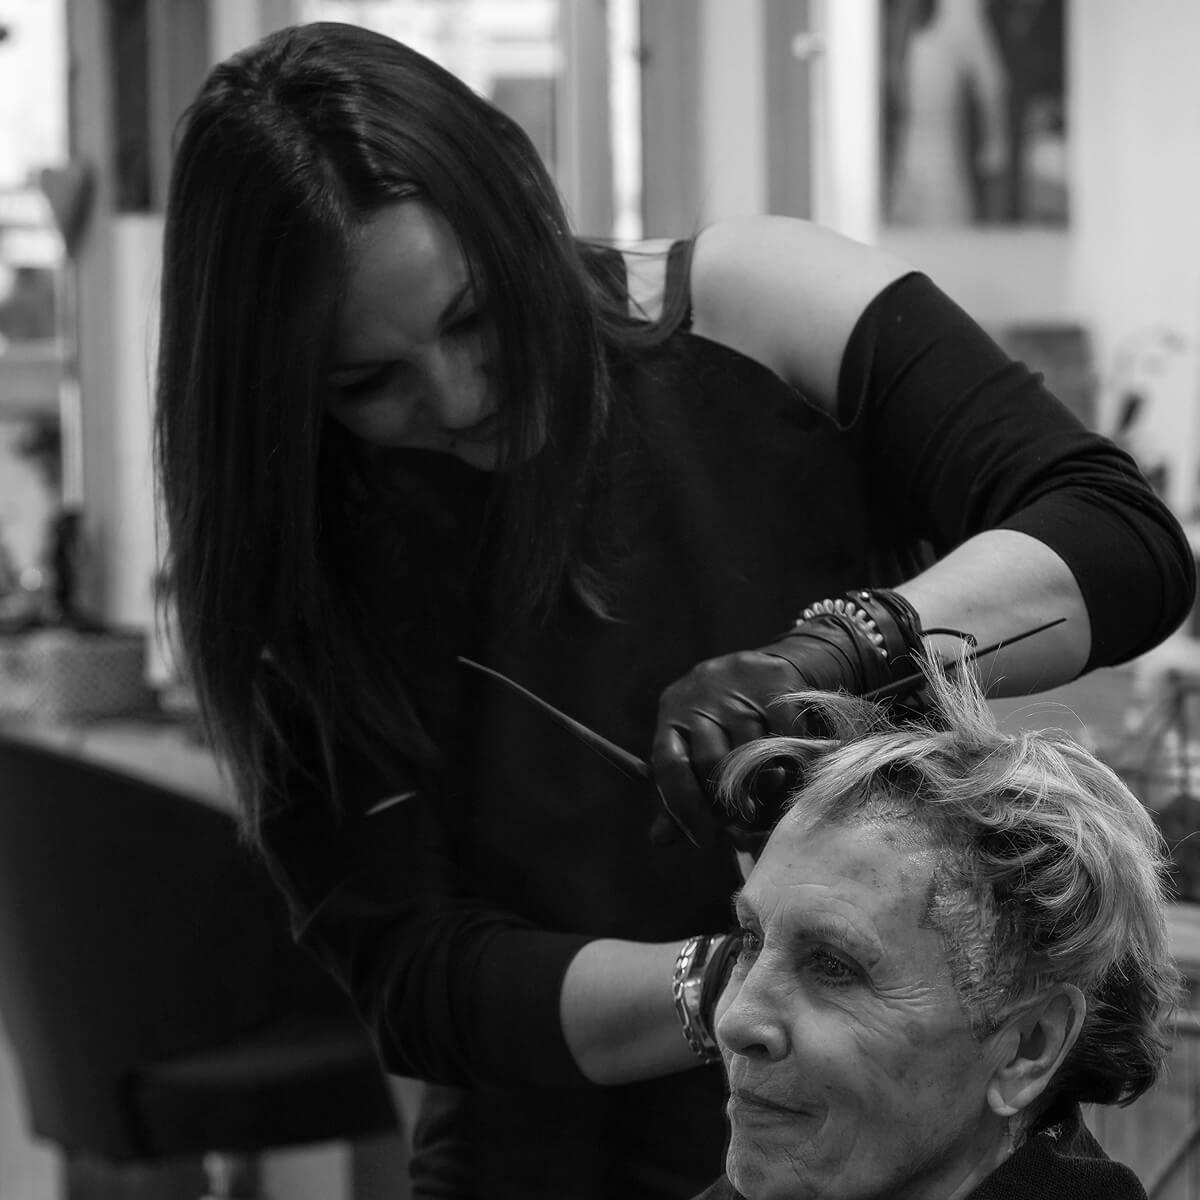 salon de coiffure concept a dijon